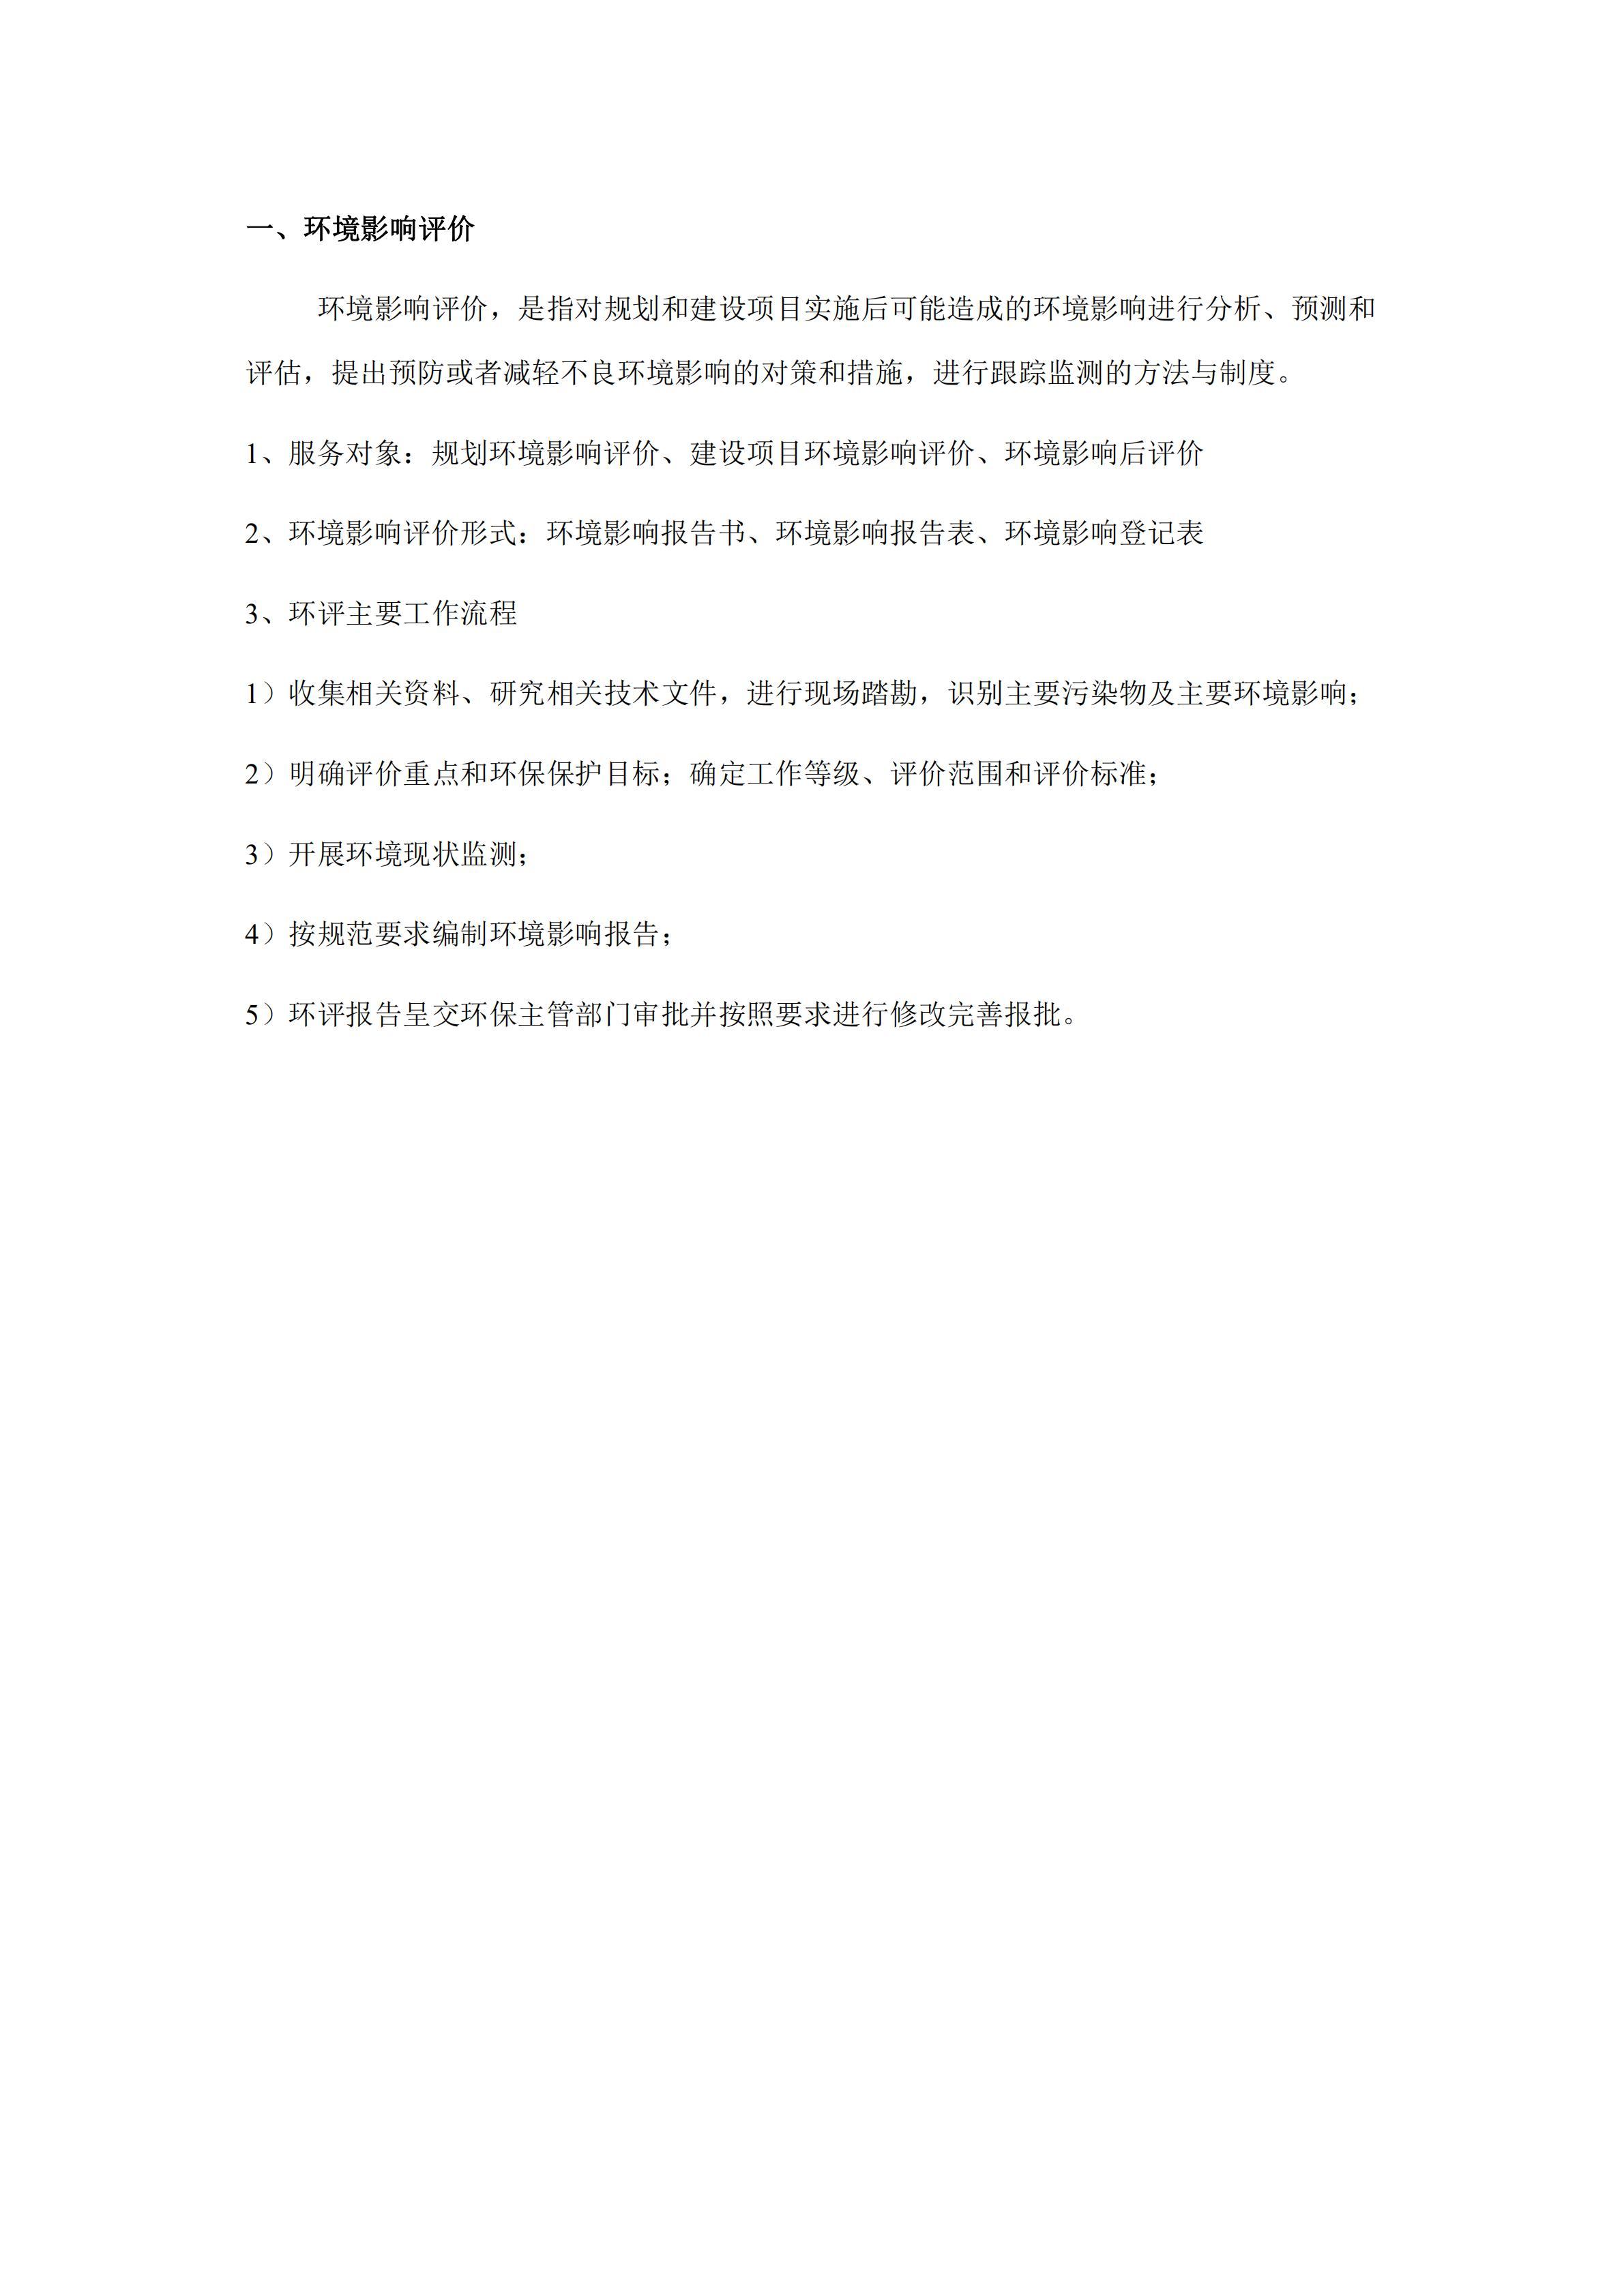 网站-环评及验收预案合并_00.png